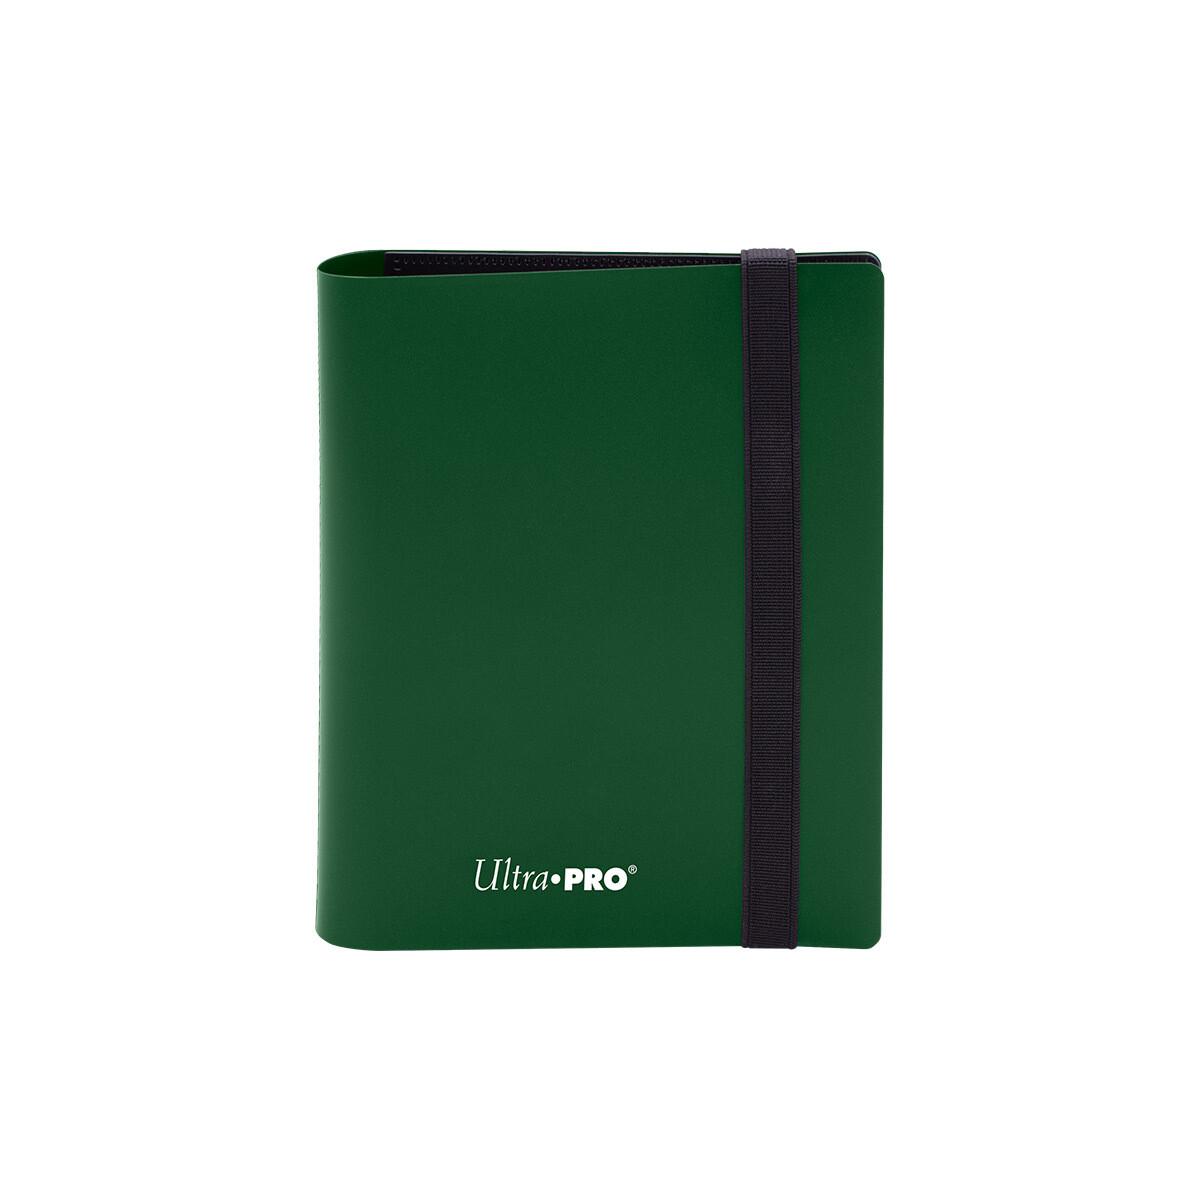 Binder: Ultra Pro: 2 Pocket Eclipse Forest Green